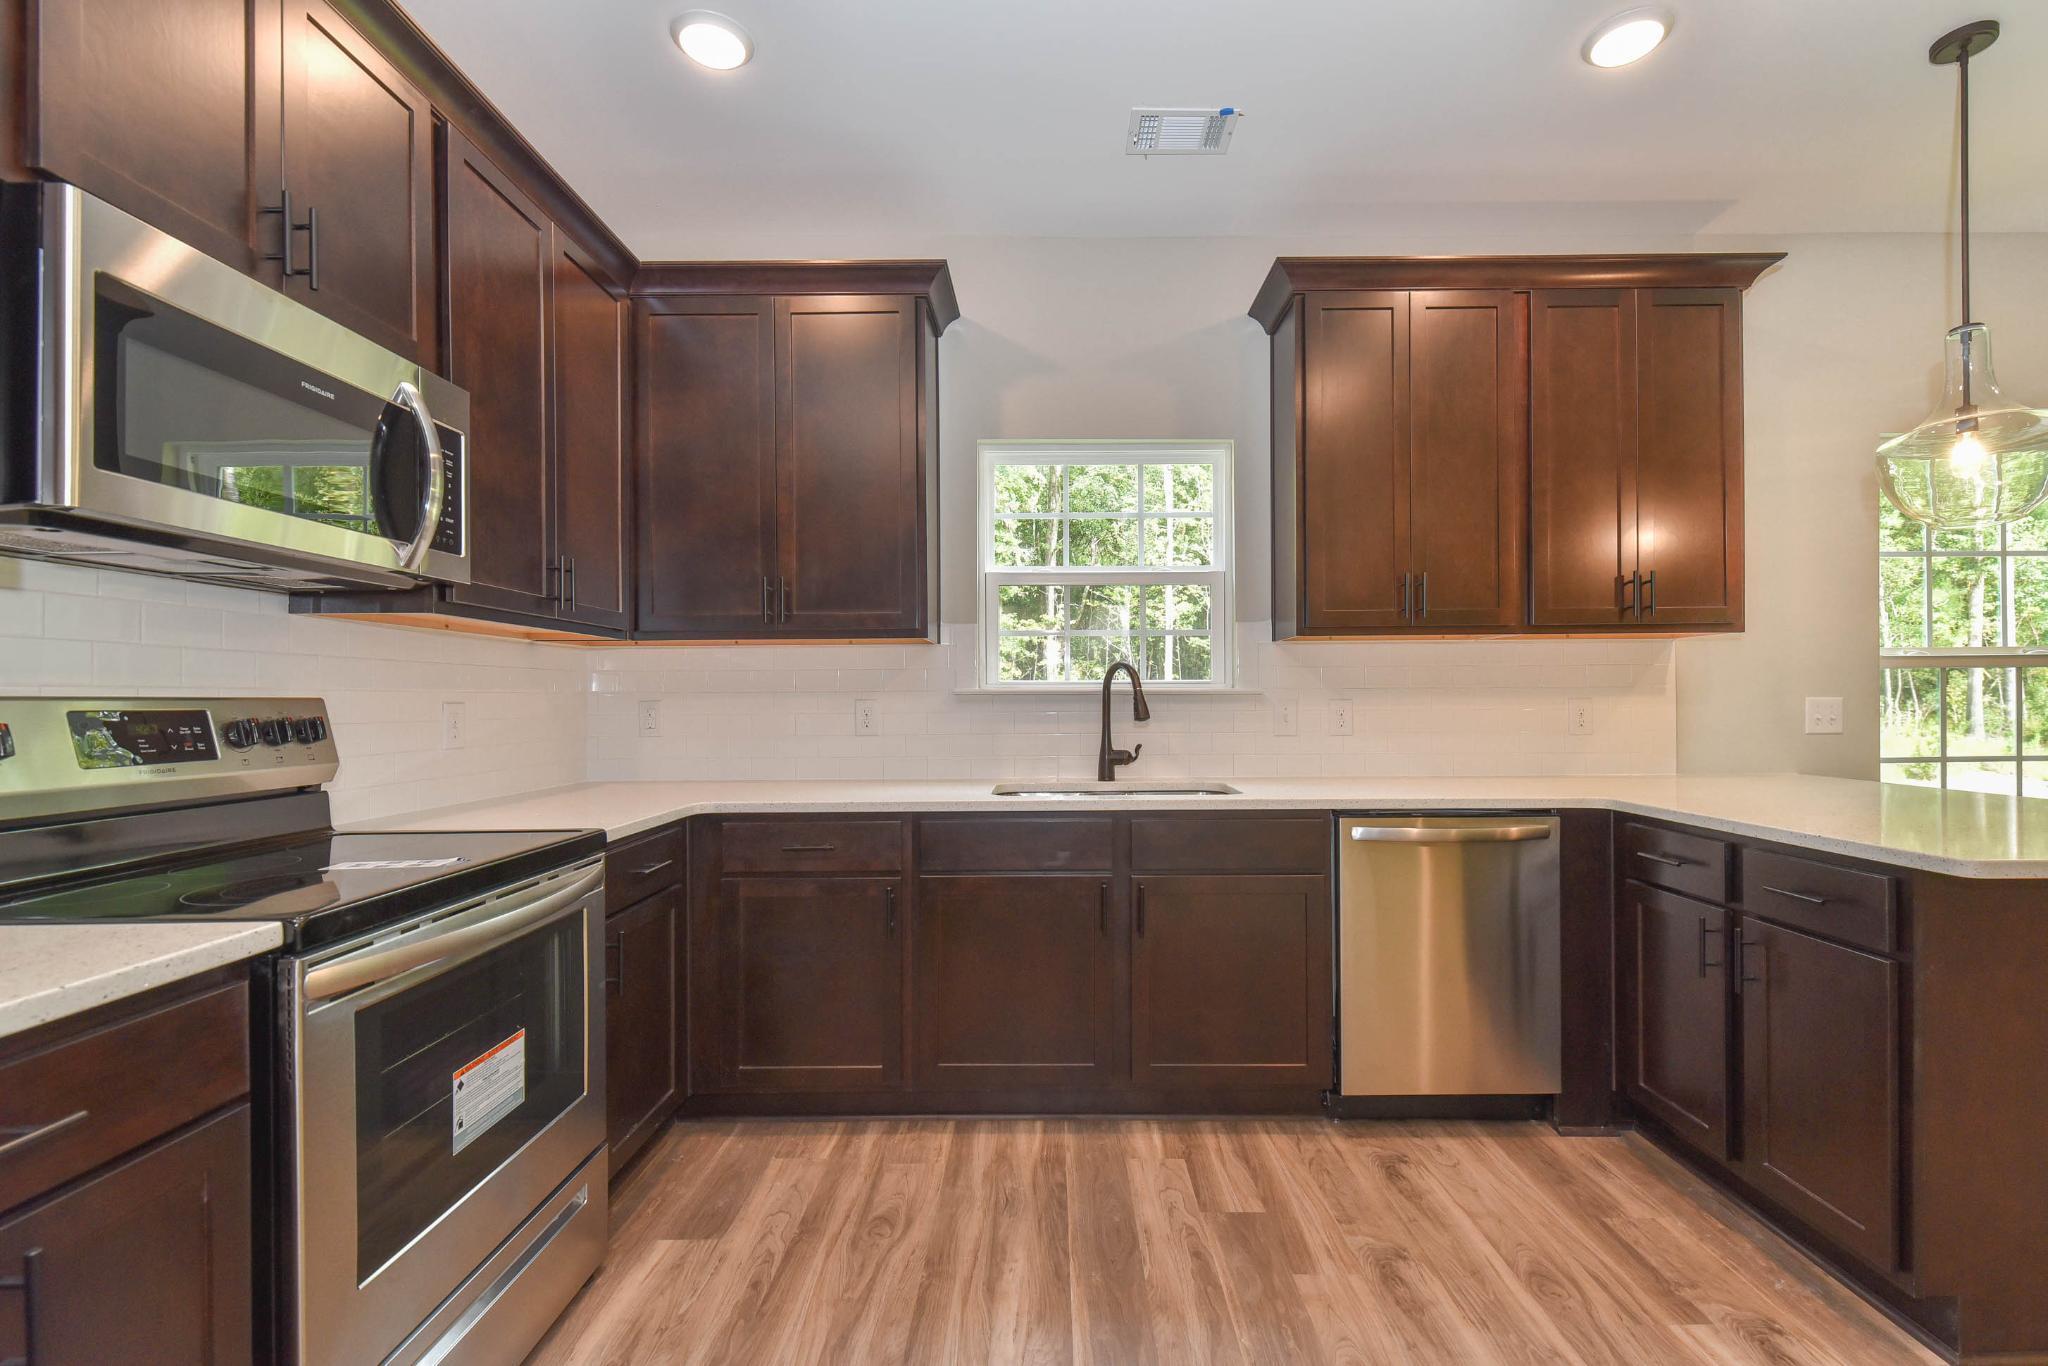 Kitchen featured in the Daufuski By Ernest Homes in Savannah, GA